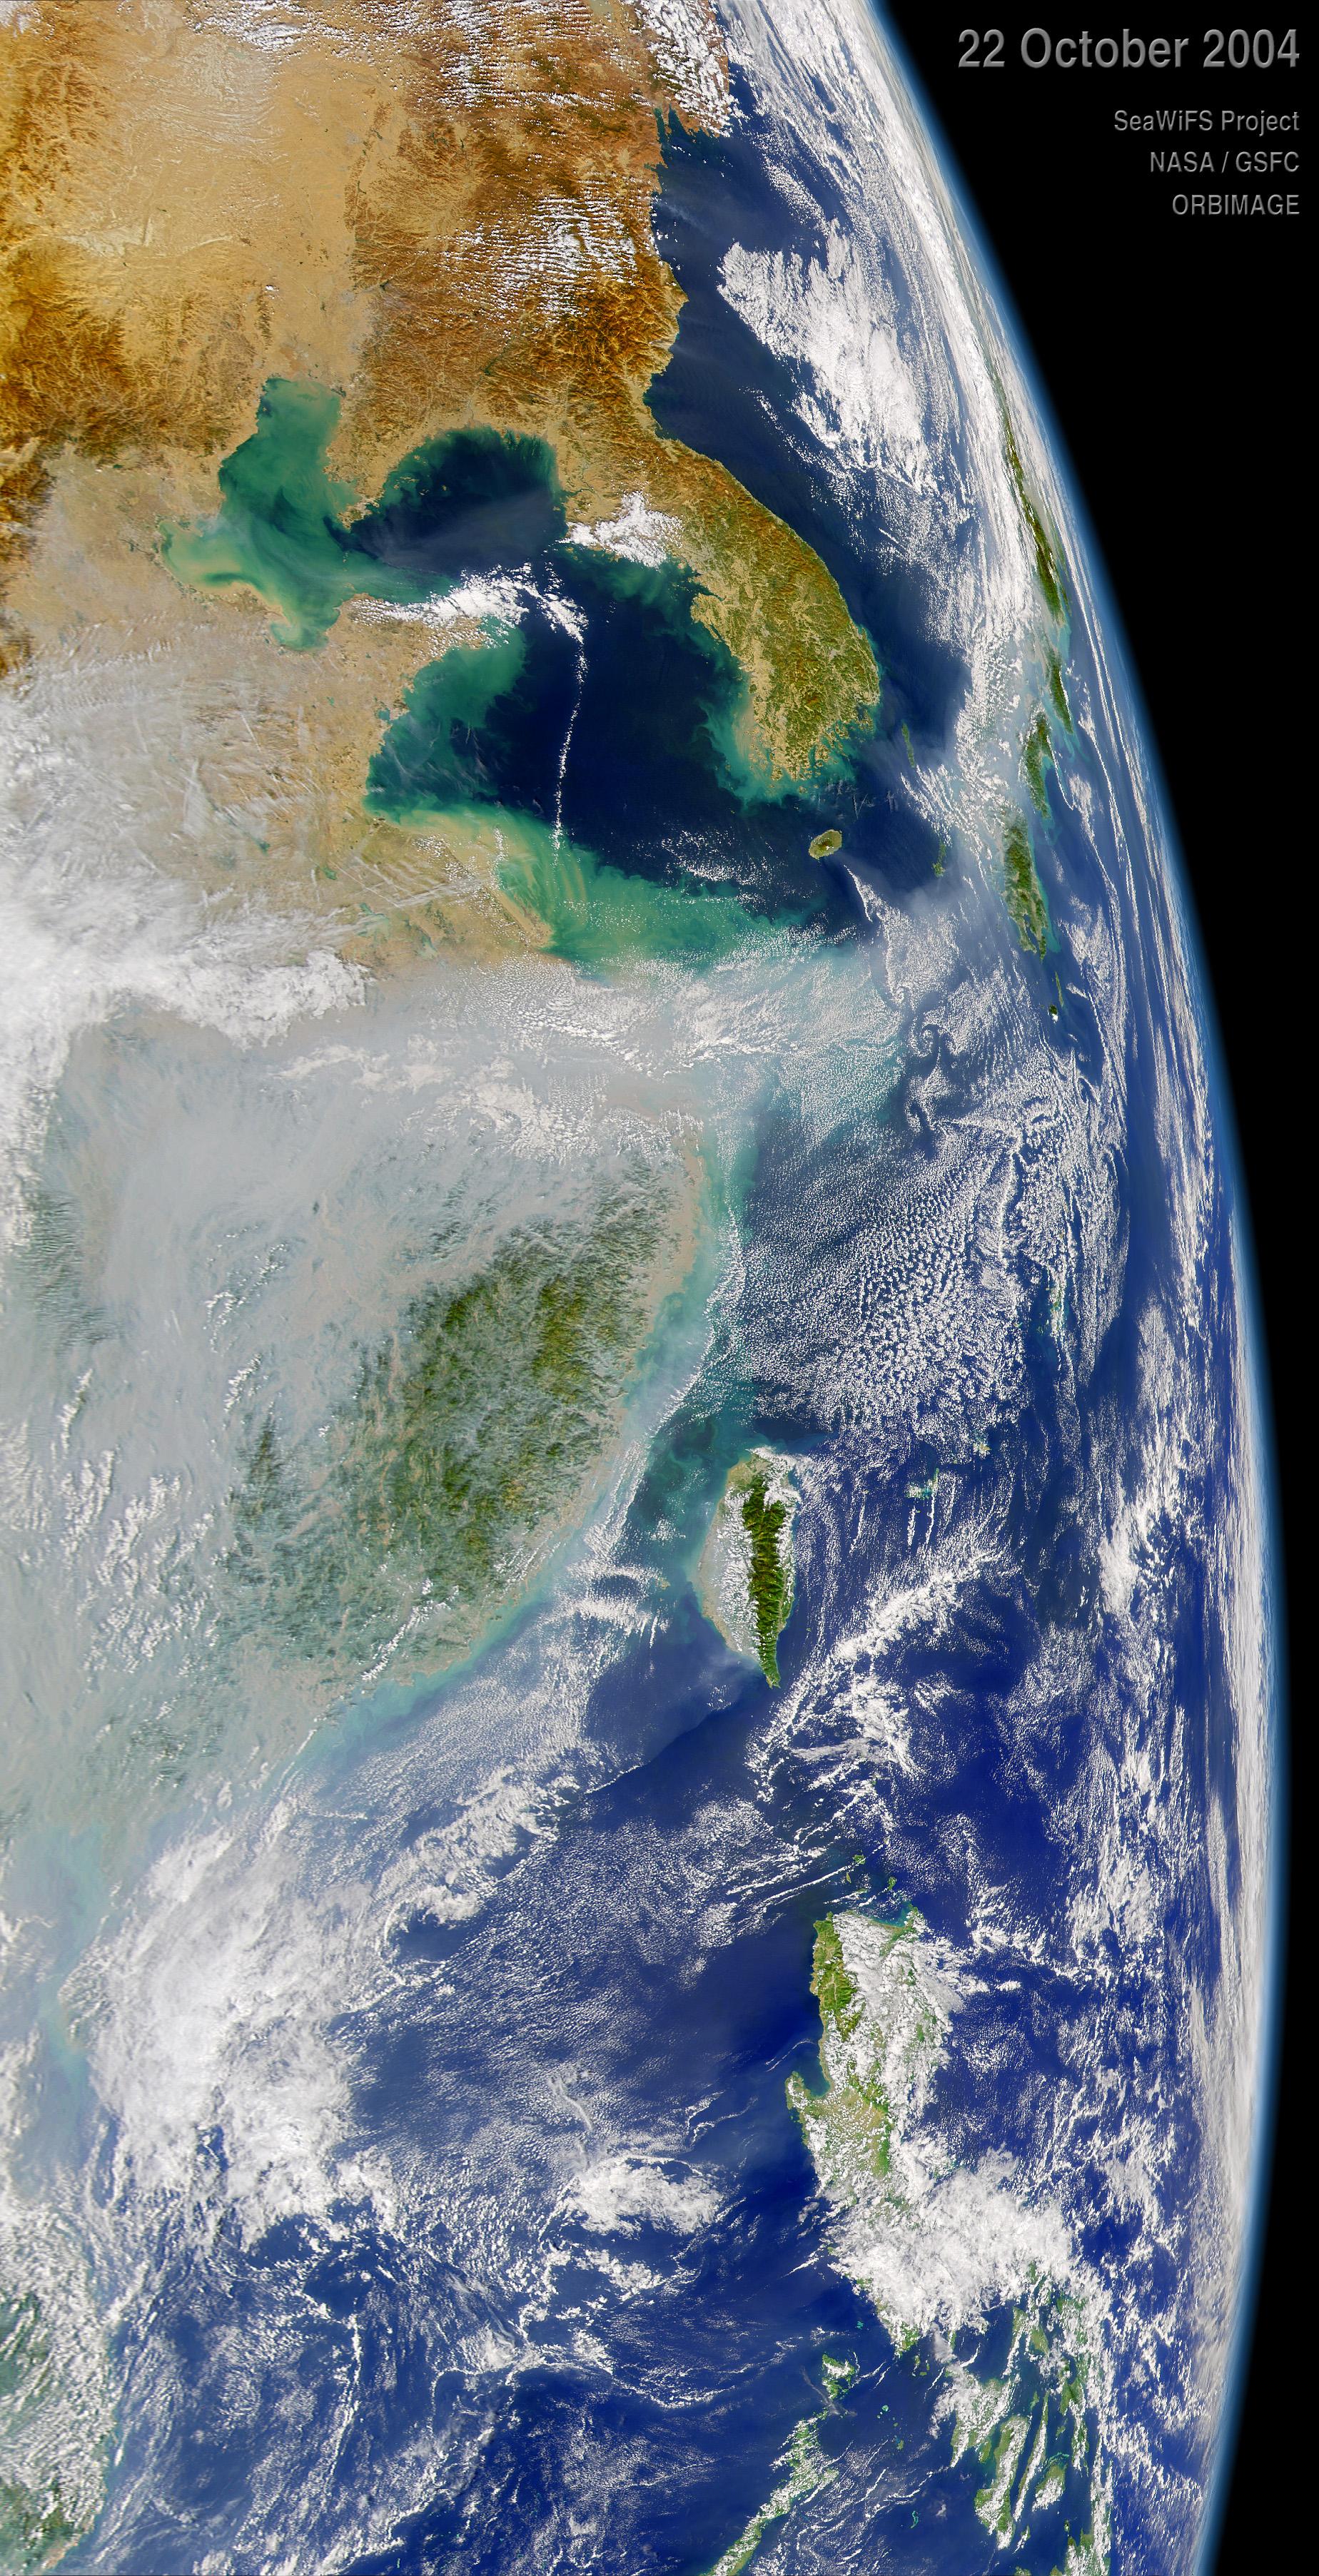 2004년 10월 22일 미 항공우주국(NASA) 인공위성이 촬영한 한반도 주변. 중국 남부에서 발생한 오염물질이 제주도 남쪽을 지나 일본에 영향을 주고 있다. [사진 NASA]